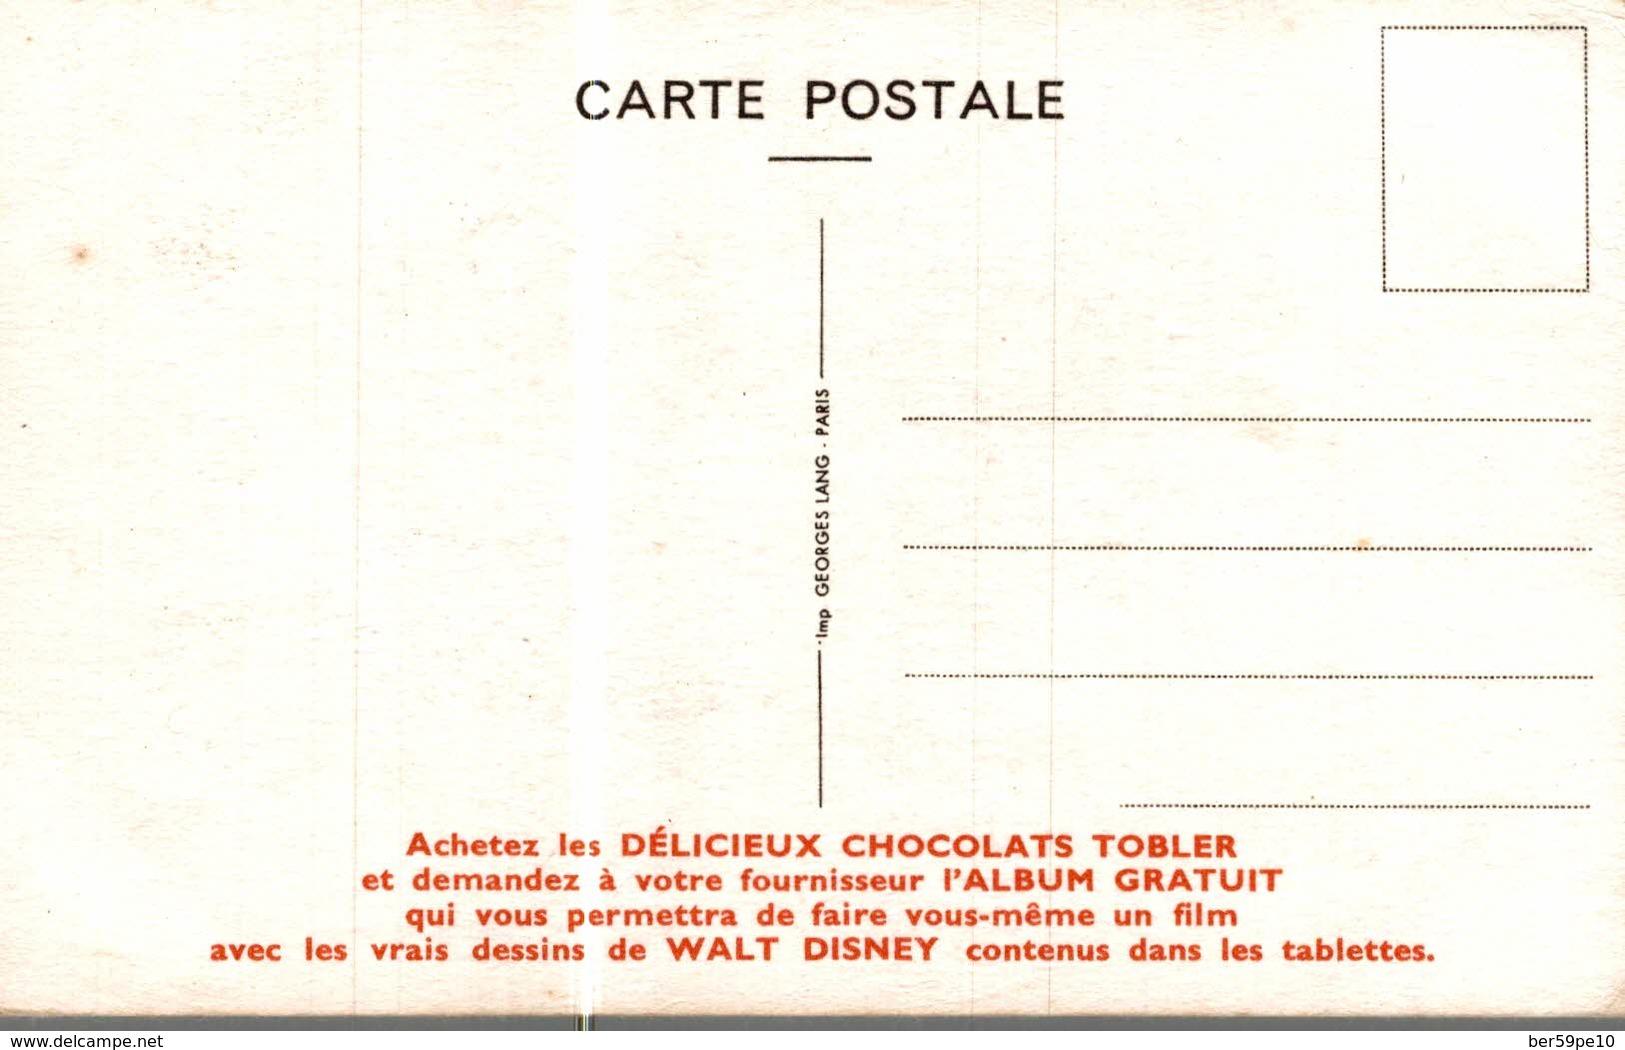 CARTE POSTALE PUBLICITAIRE CHOCOLATS TOBLER  WALT-DISNEY  BRUNO - Autres